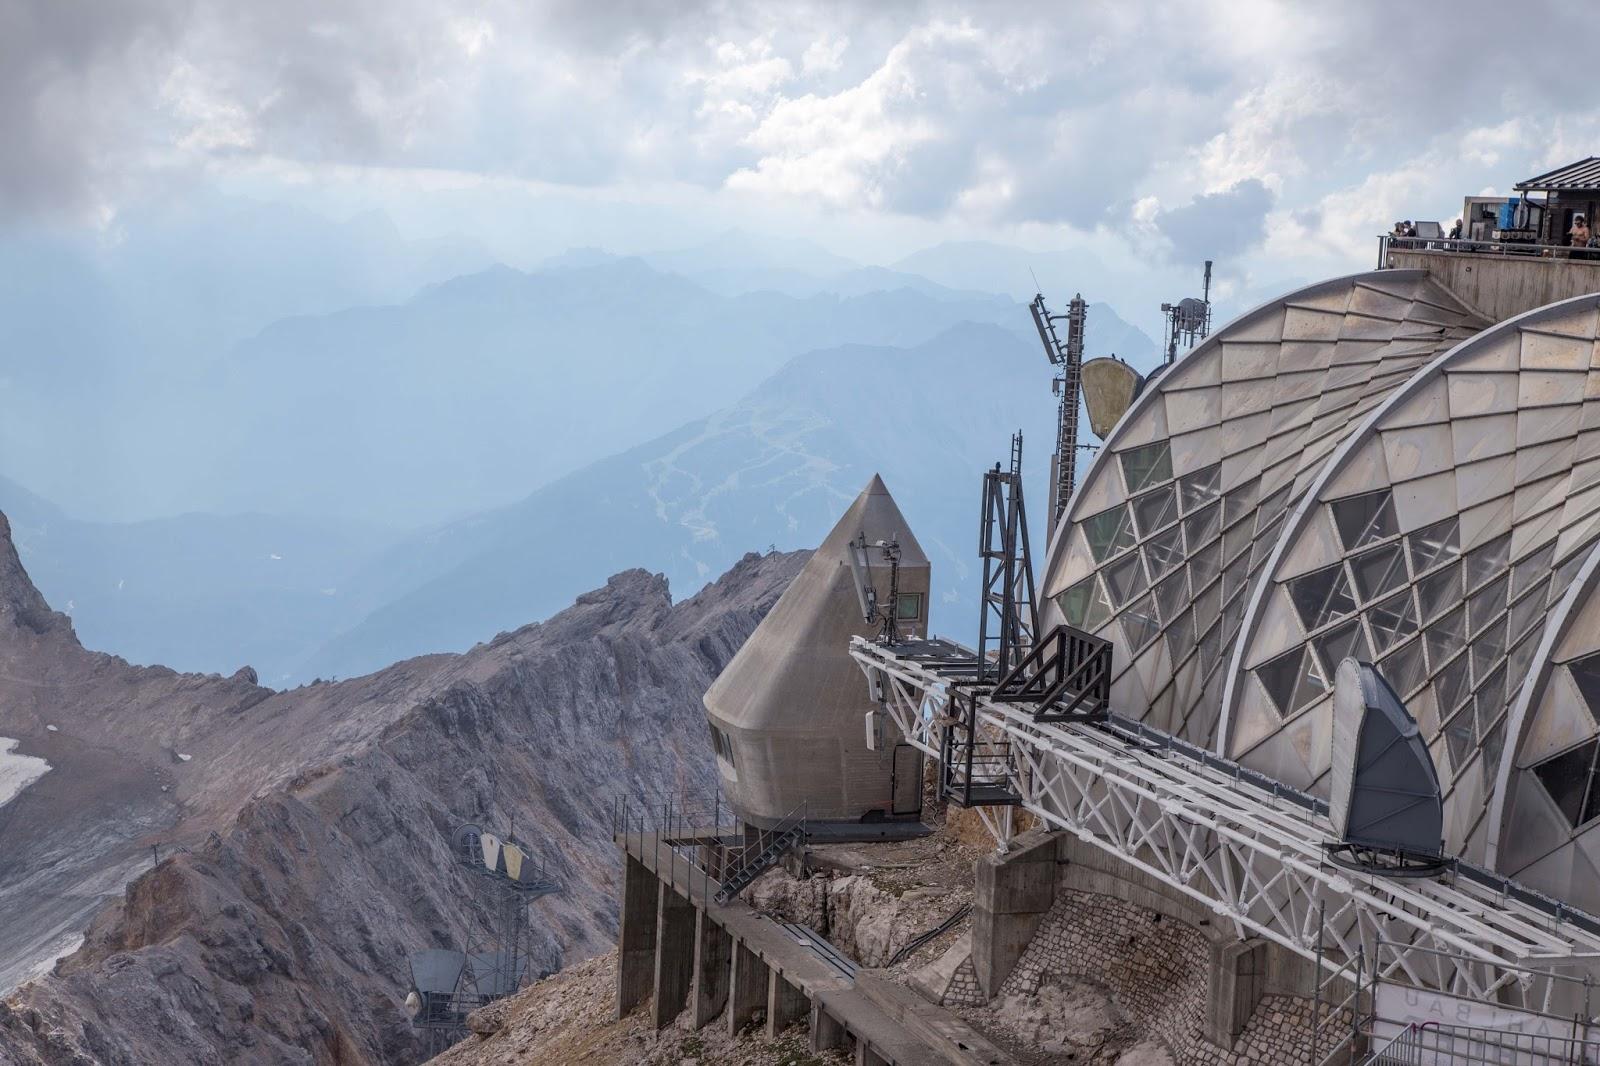 Klettersteig Zugspitze Schwierigkeitsgrad : Wanderung von garmisch auf die zugspitze zugspitztour tägig